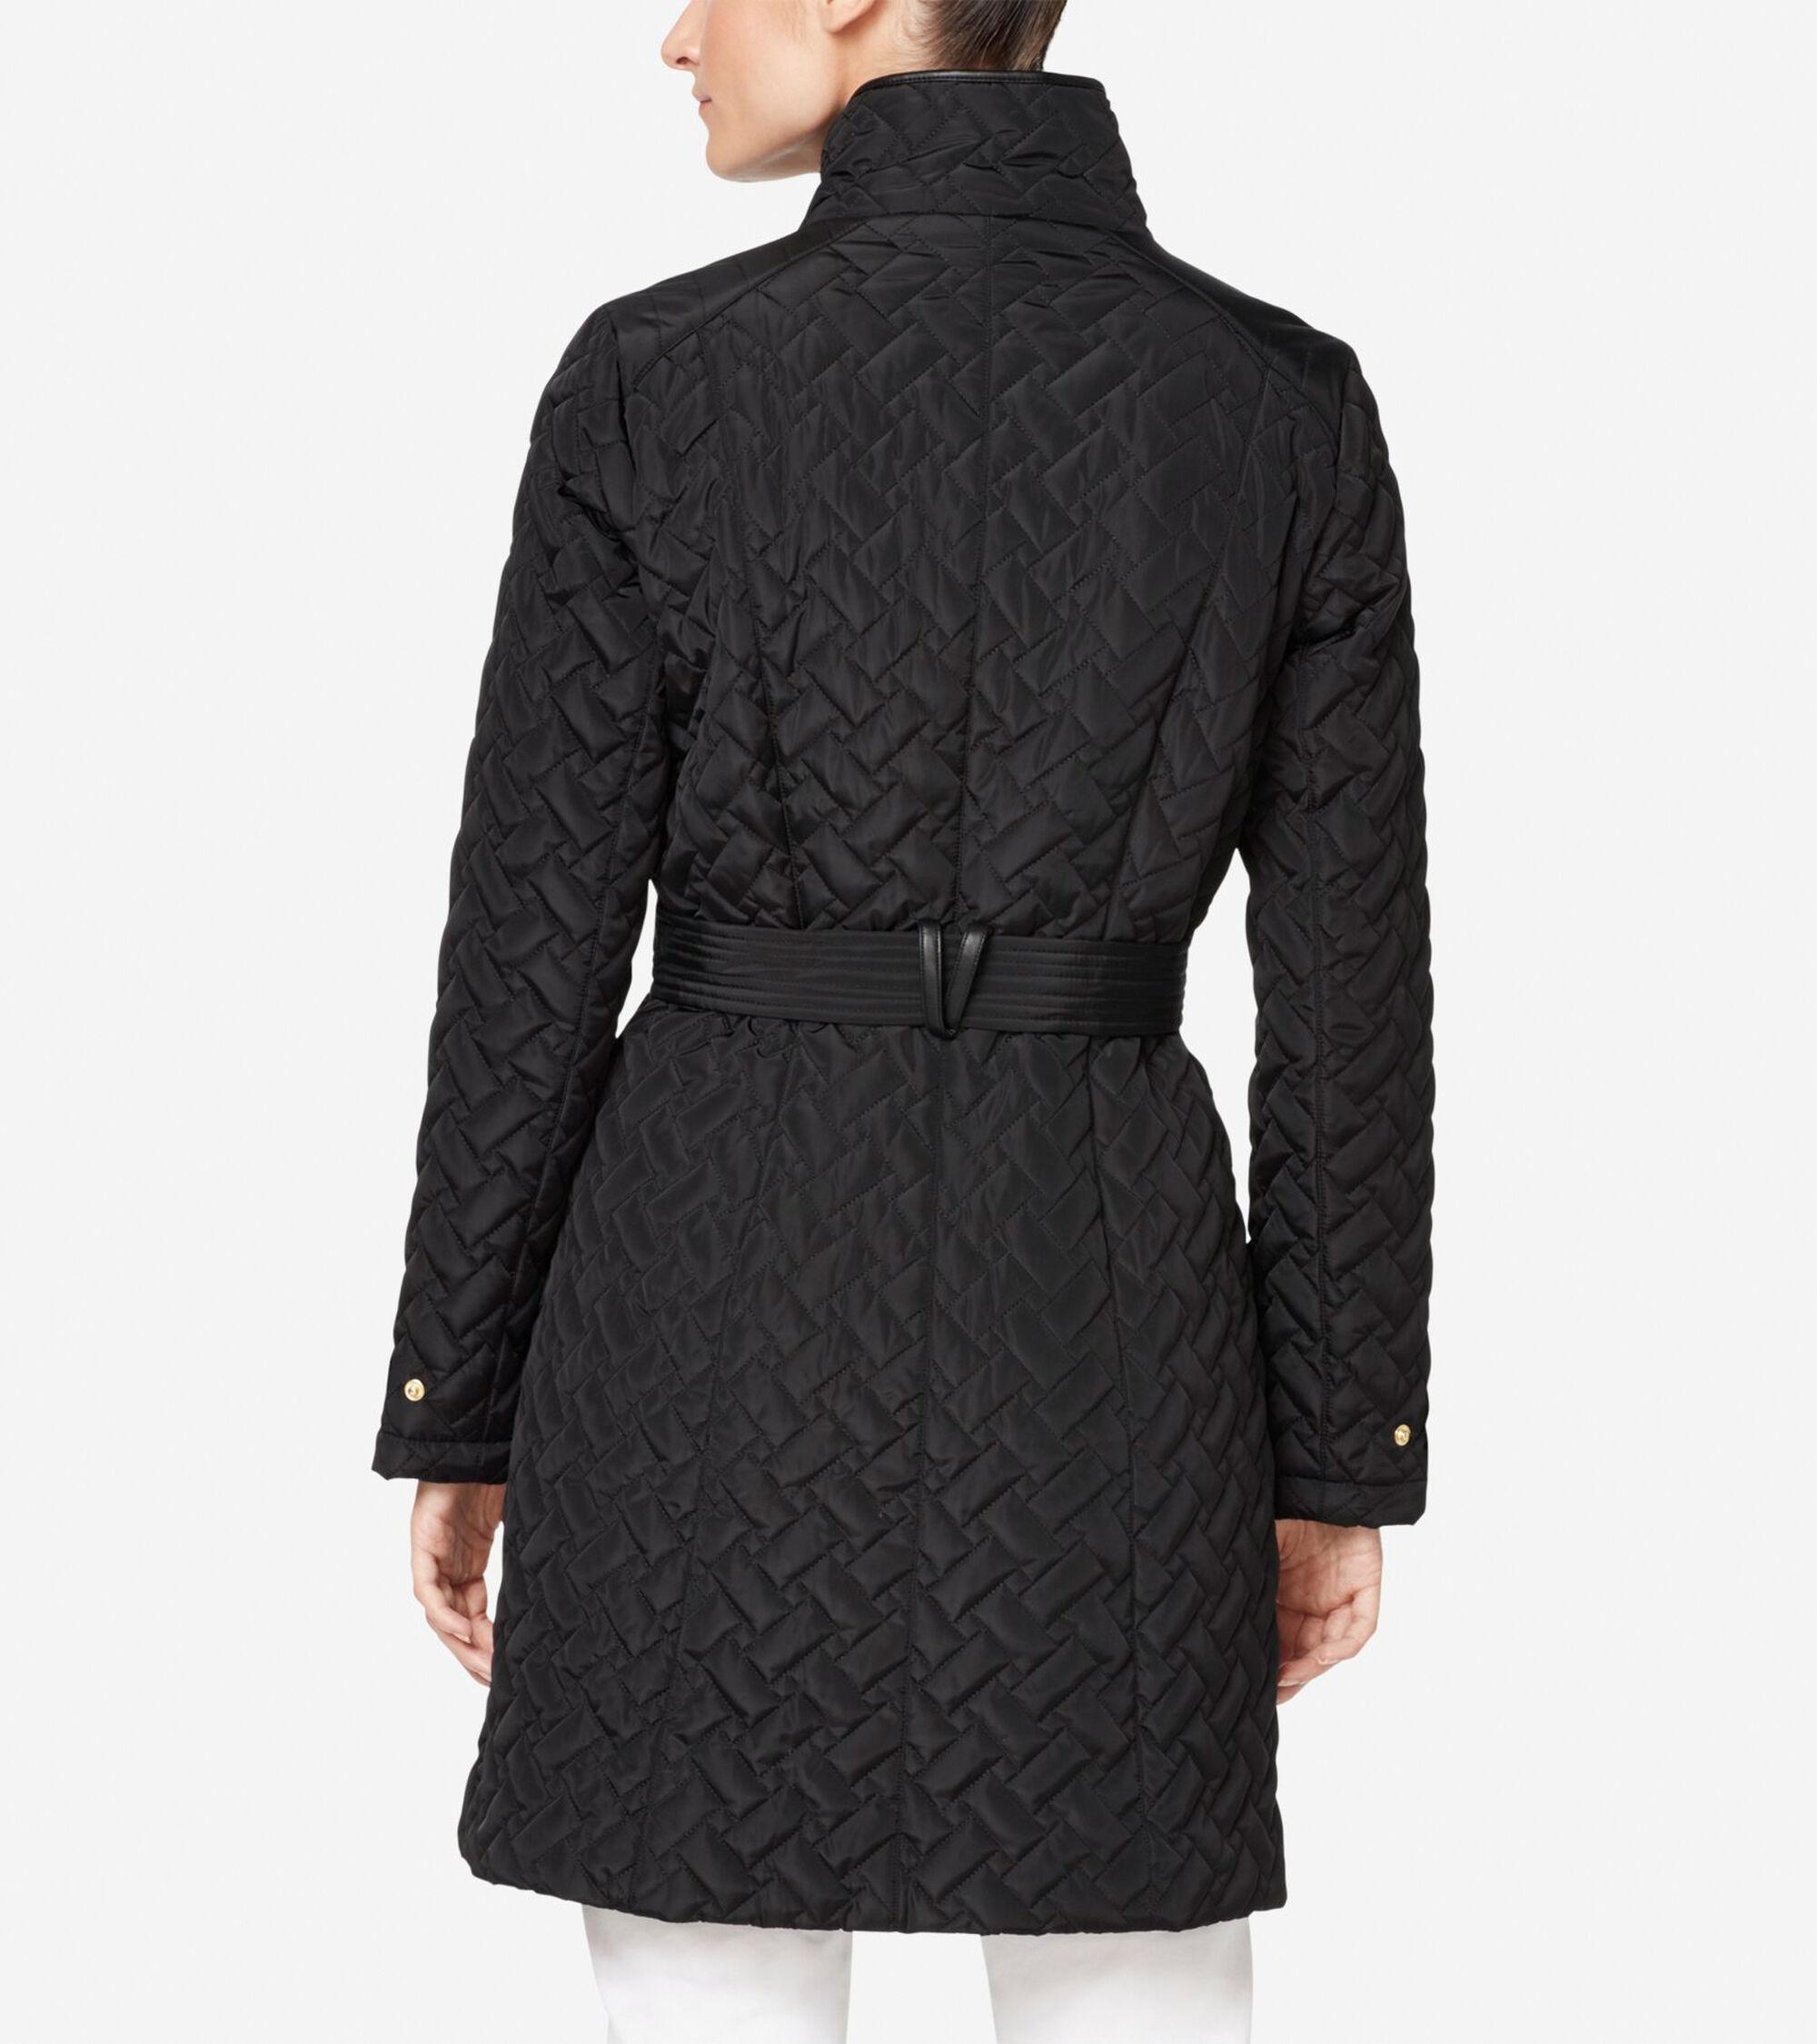 244afe91321 Cole Haan Signature Quilted Zip Front Coat in Black   ColeHaan.com